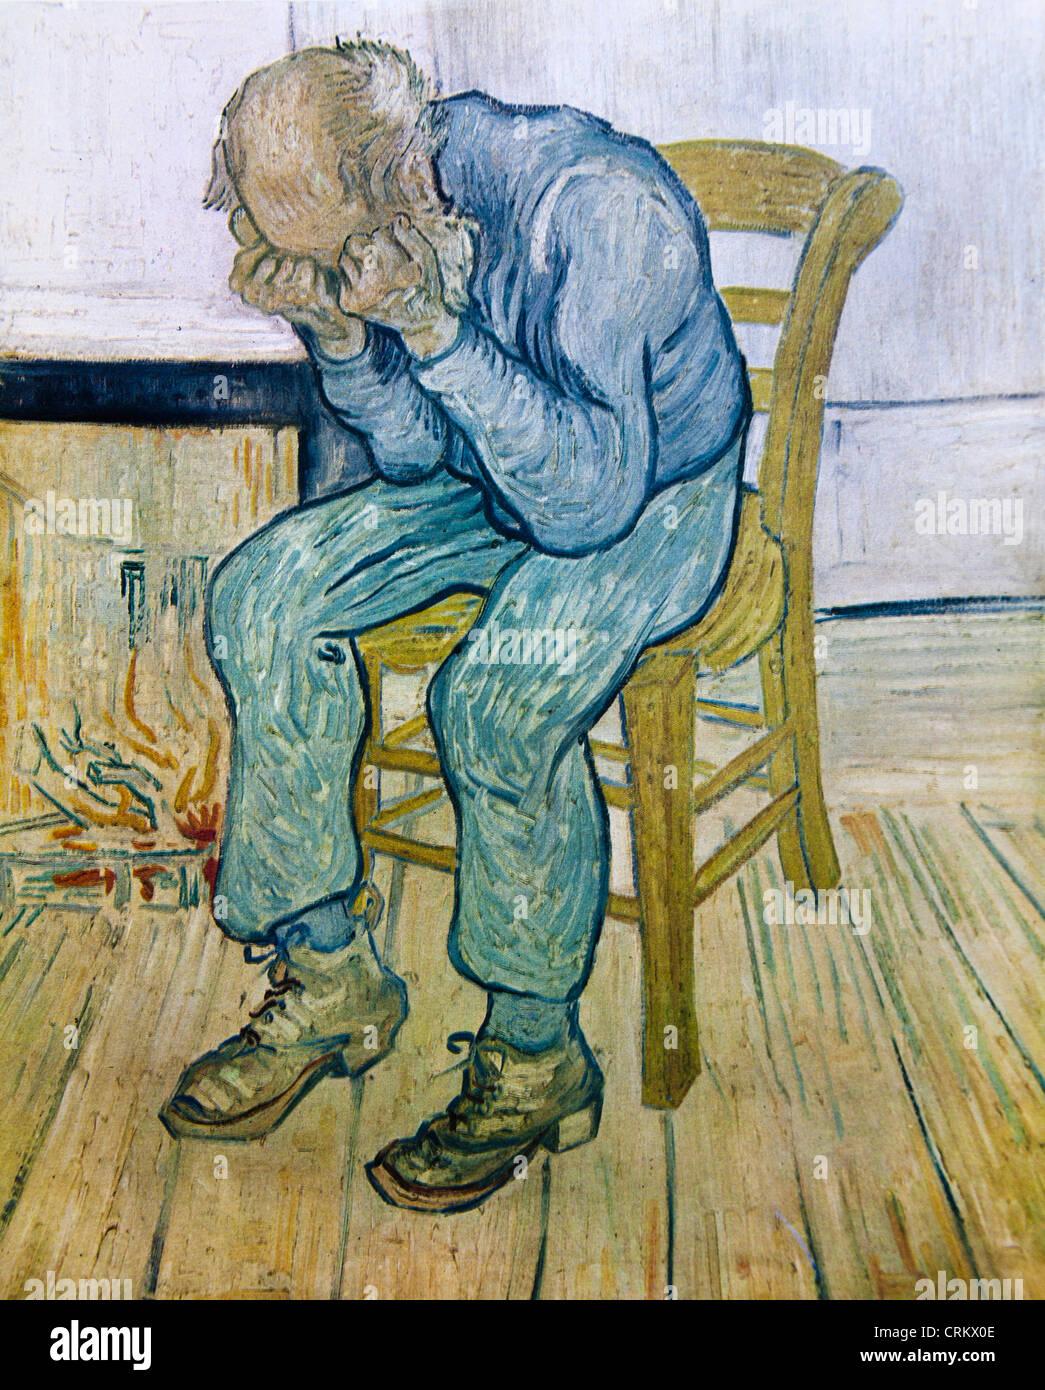 Old Man in Sorrow - Van Gogh - Stock Image